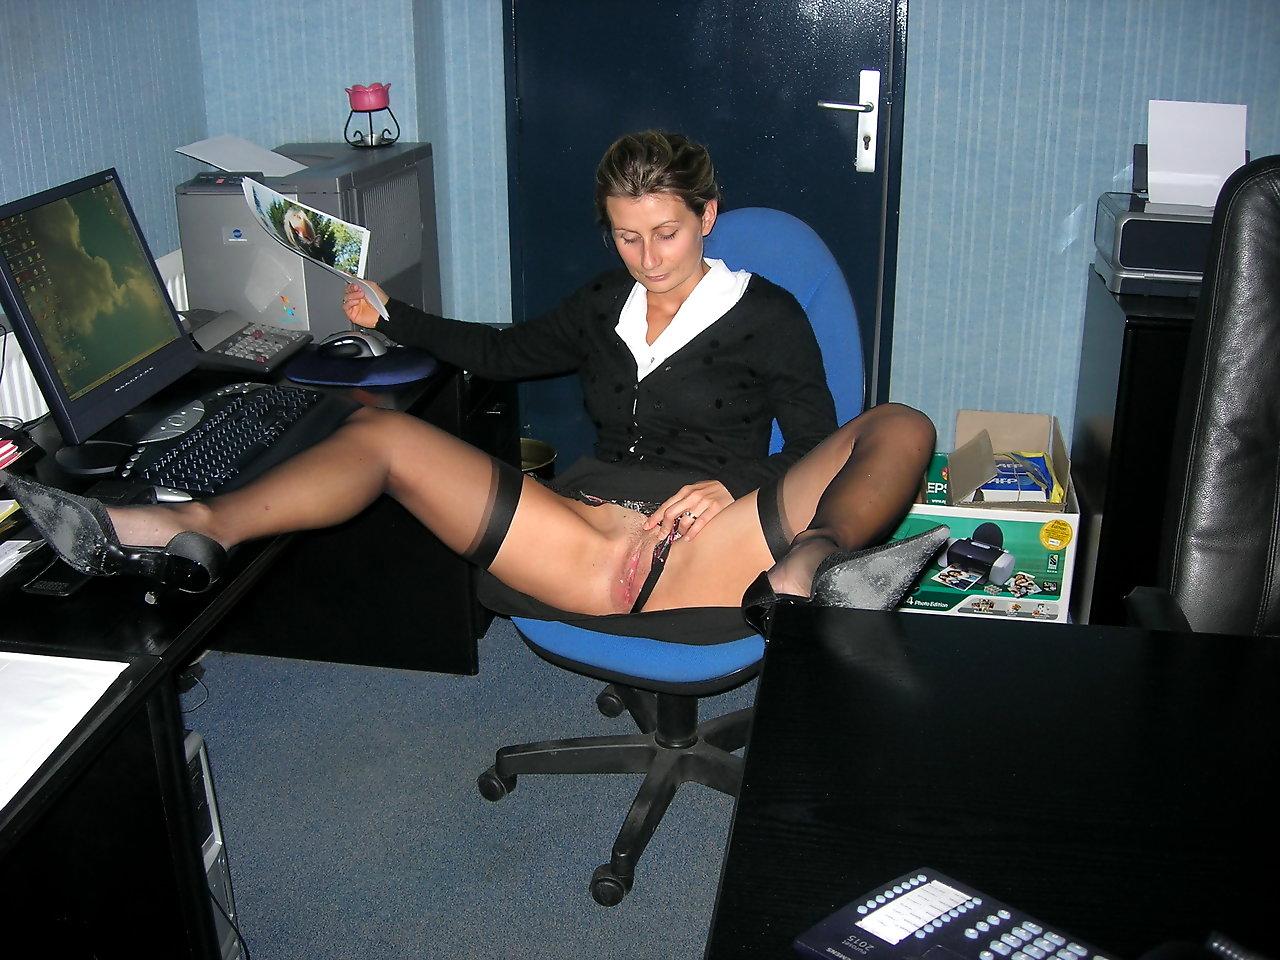 Секс с секретаршей в мини юбке в офисе 24 фотография